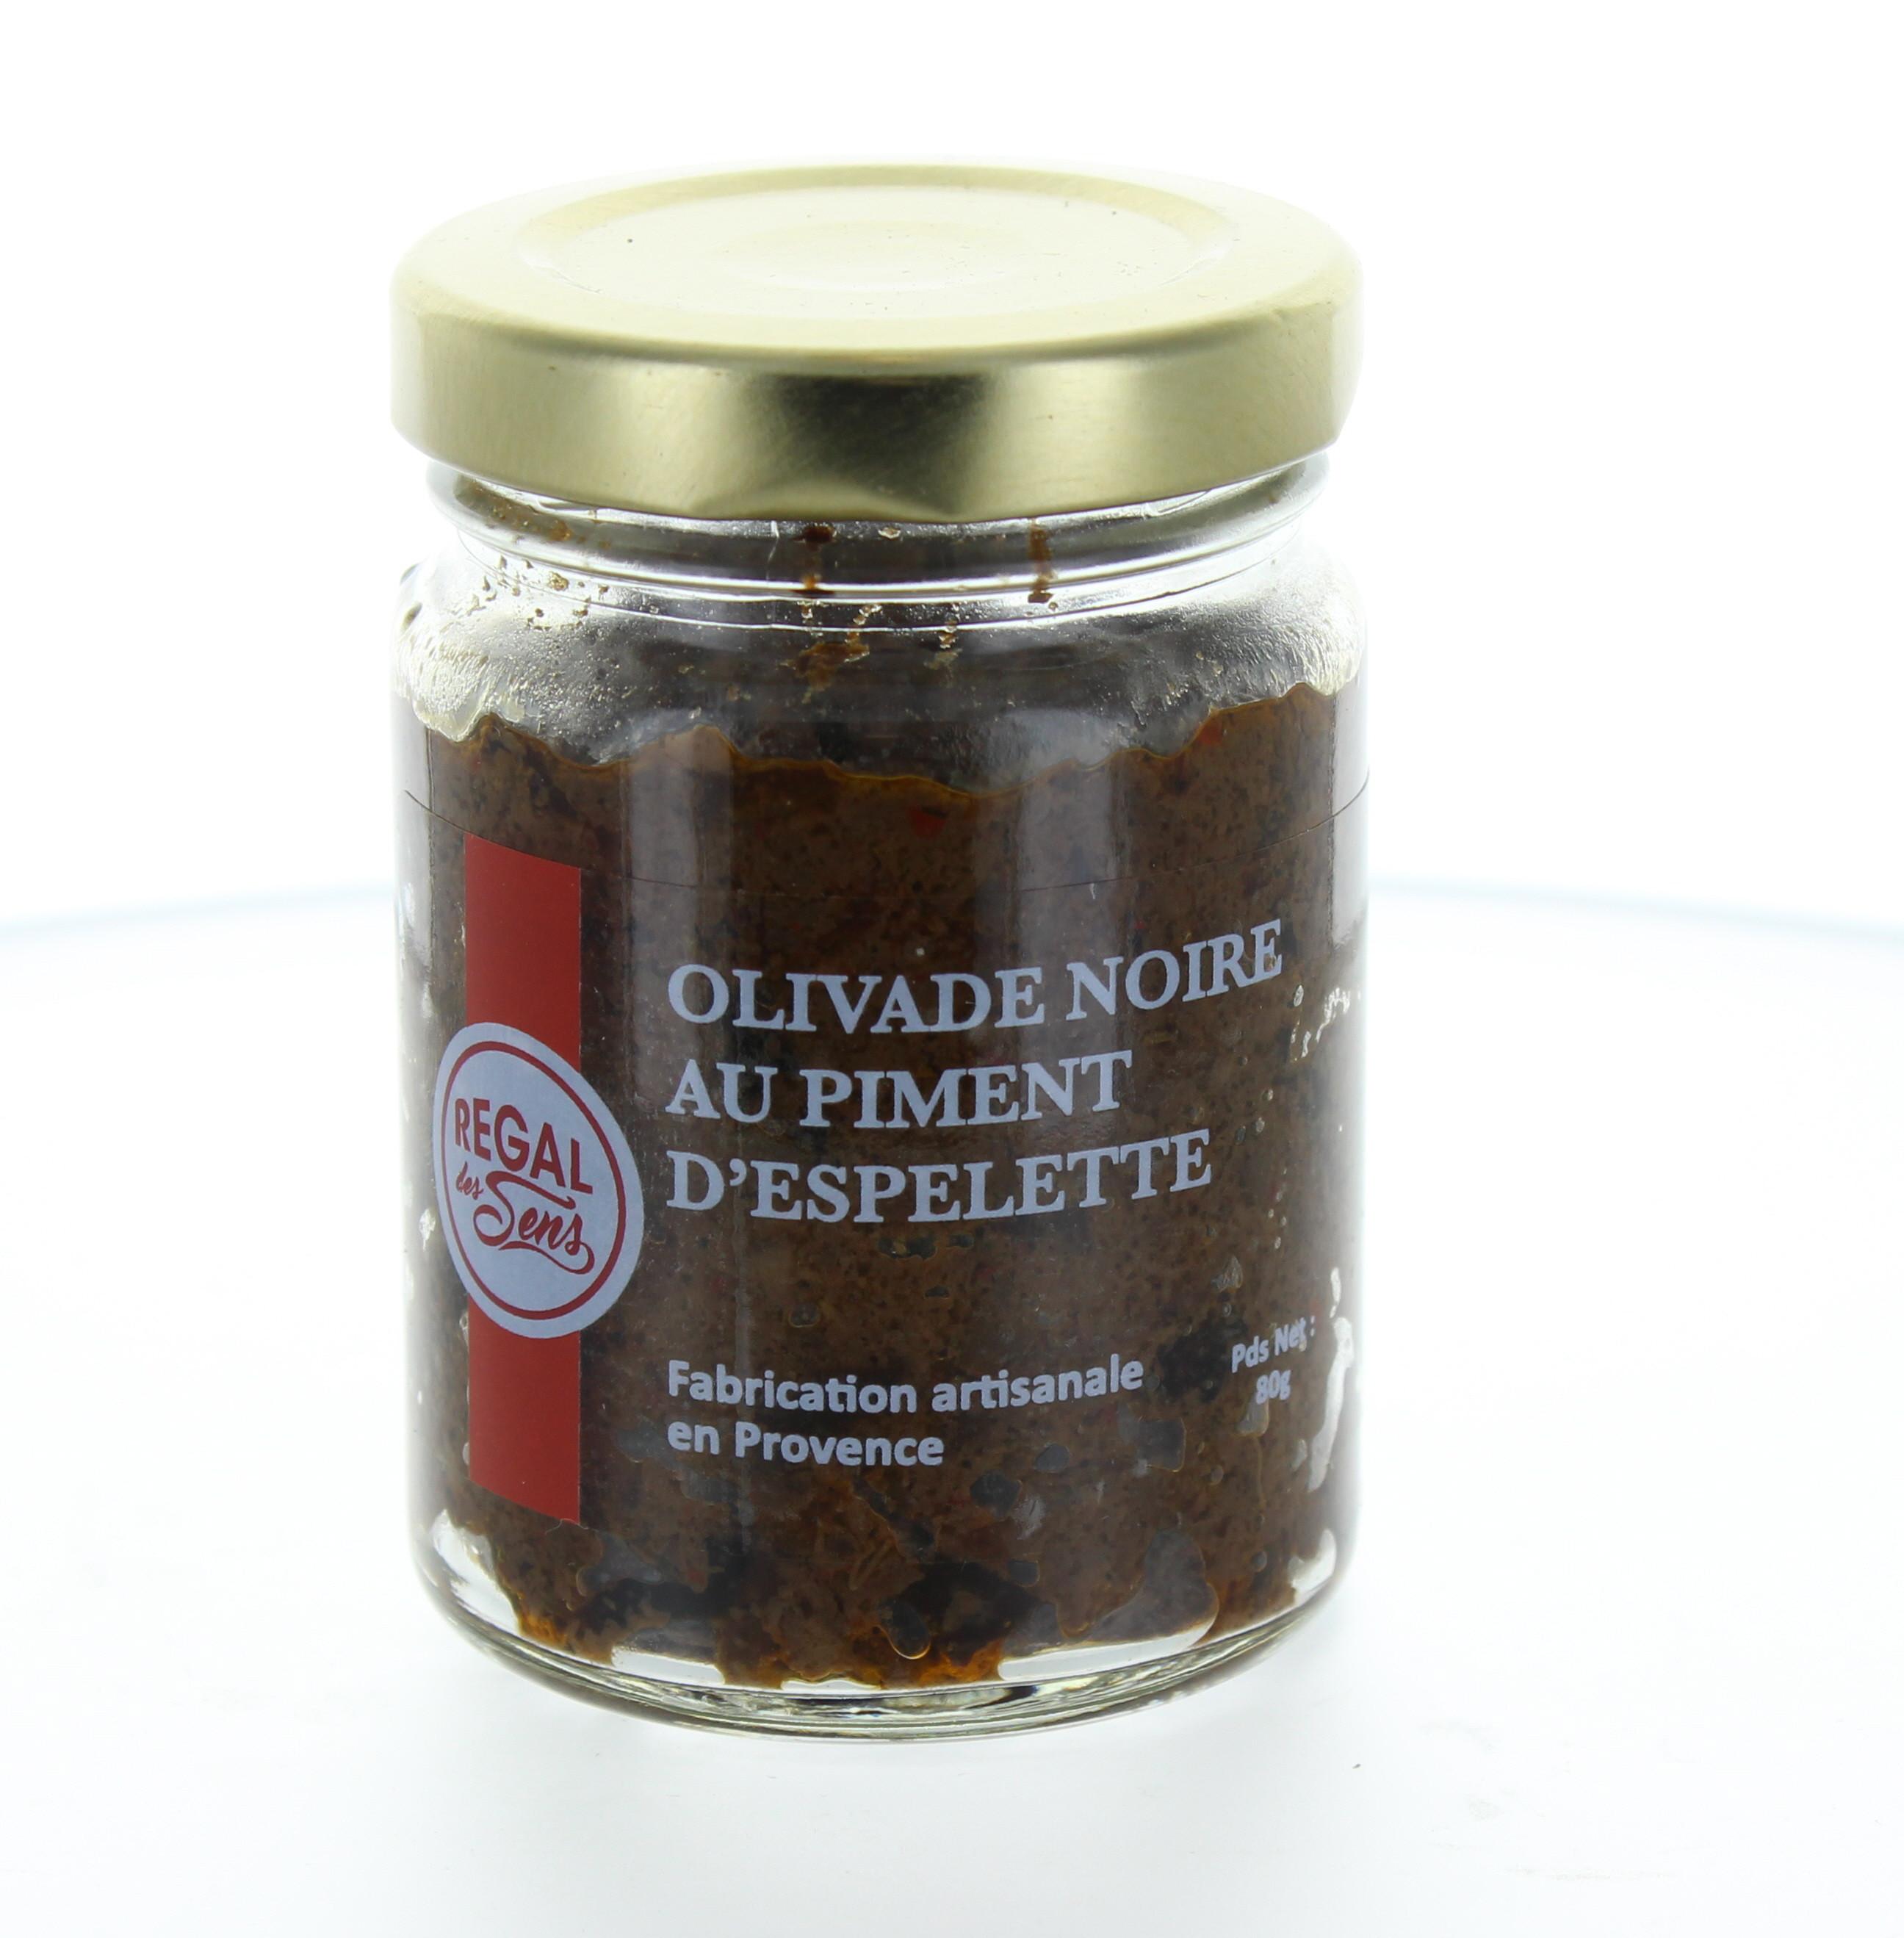 Olivade noire au piment d'Espelette - Regal des Sens